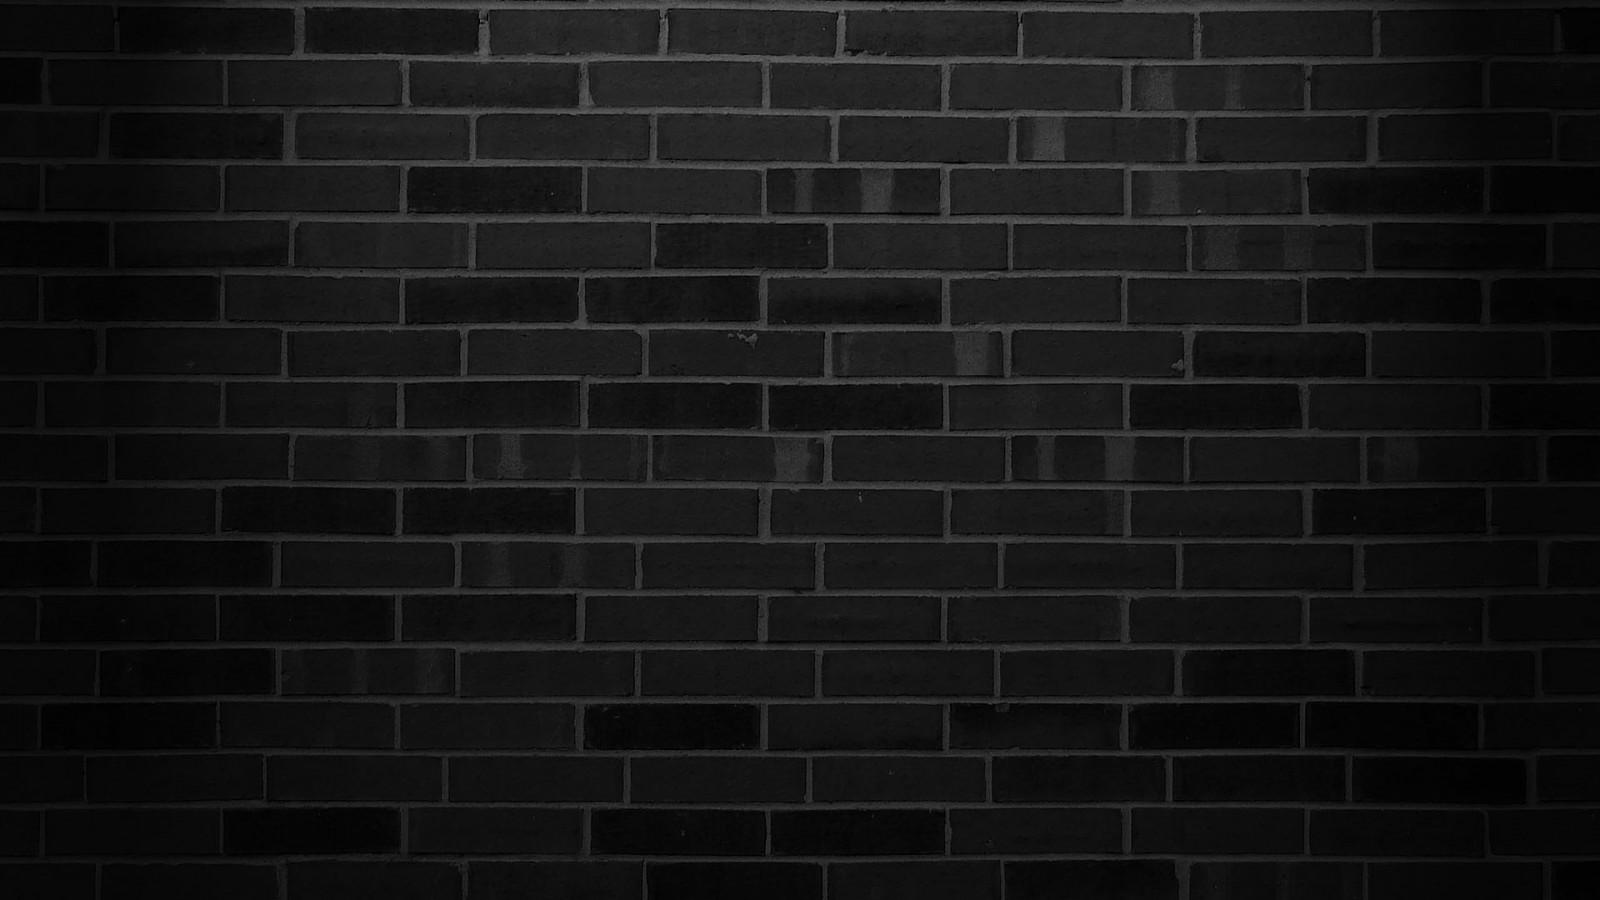 fond d 39 cran noir monochrome minimalisme mur briques mod le texture cercle tuile. Black Bedroom Furniture Sets. Home Design Ideas